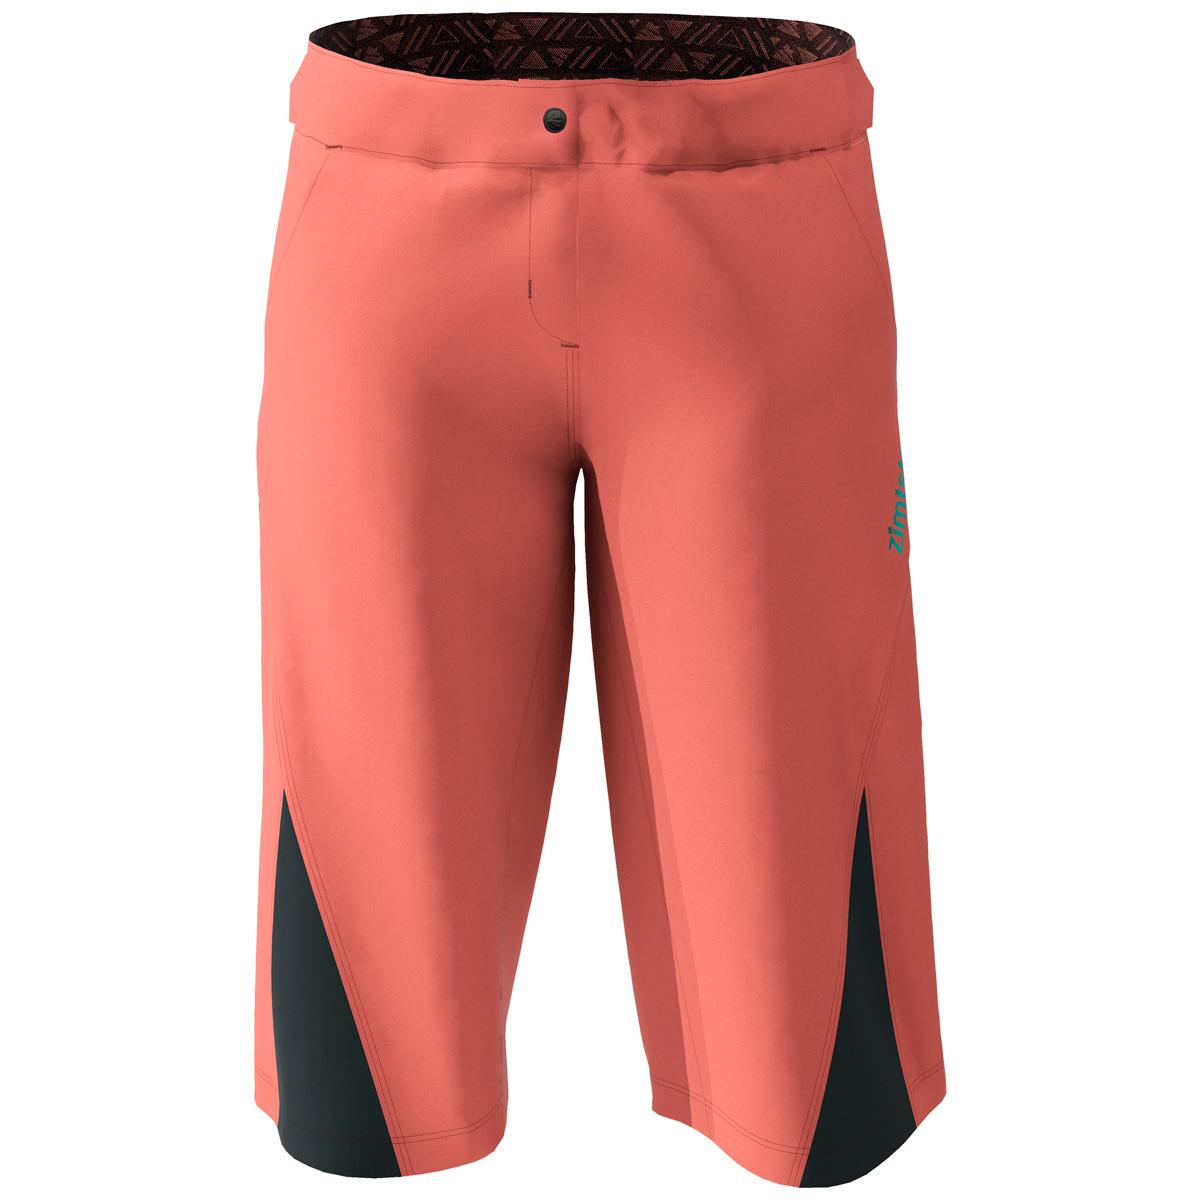 Zimtstern StarFlowz MTB-Shorts für Damen - living coral